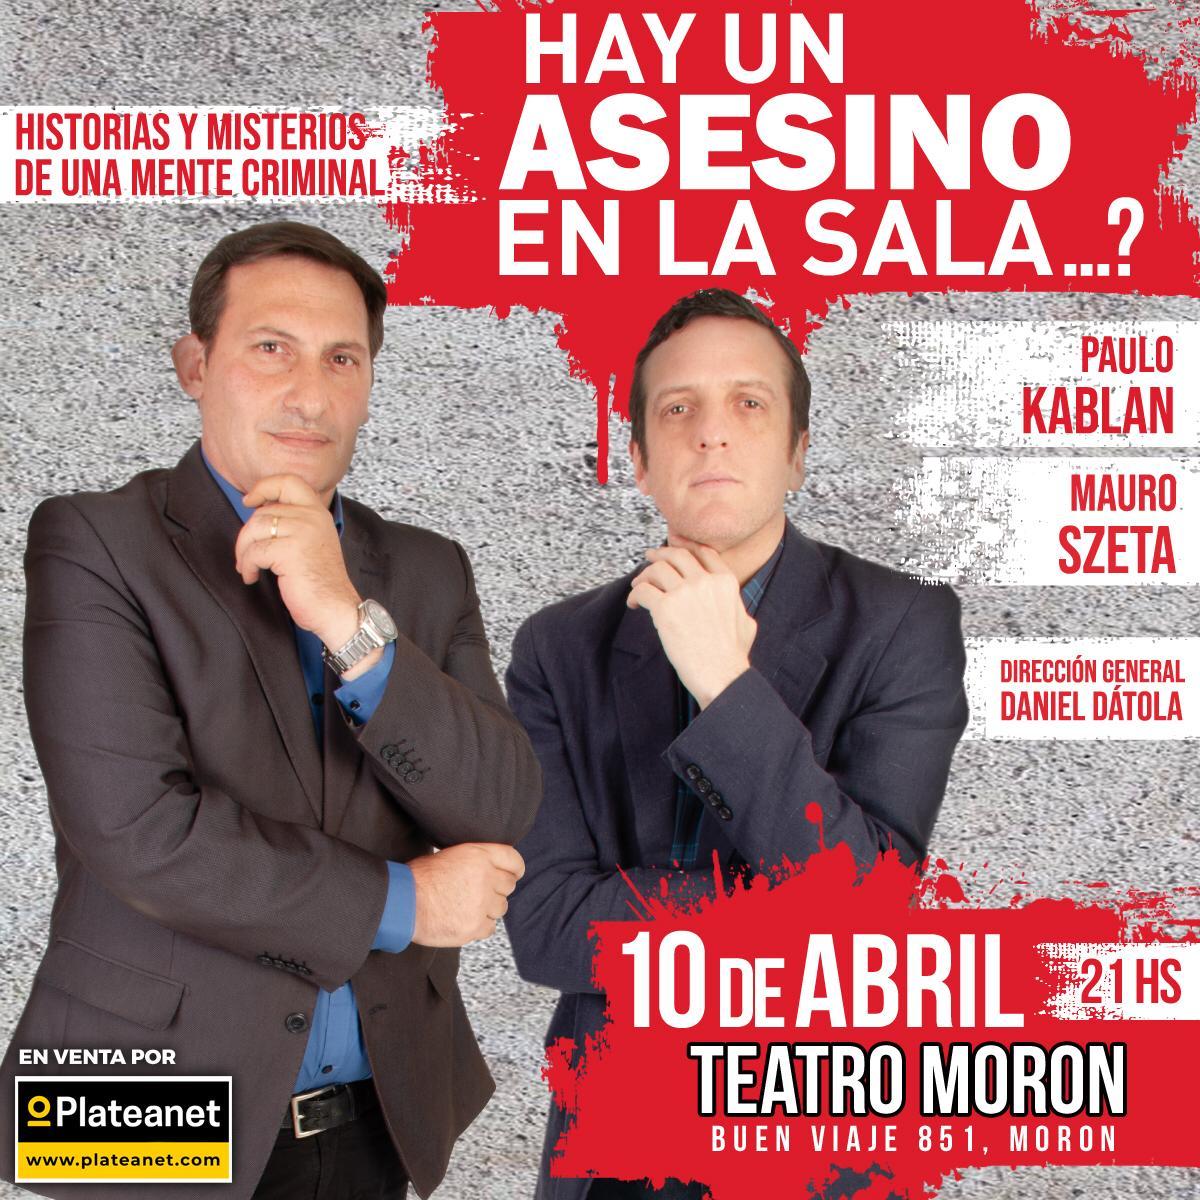 Paulo Kablan  y Mauro Szeta   se presentarán en el Teatro Morón